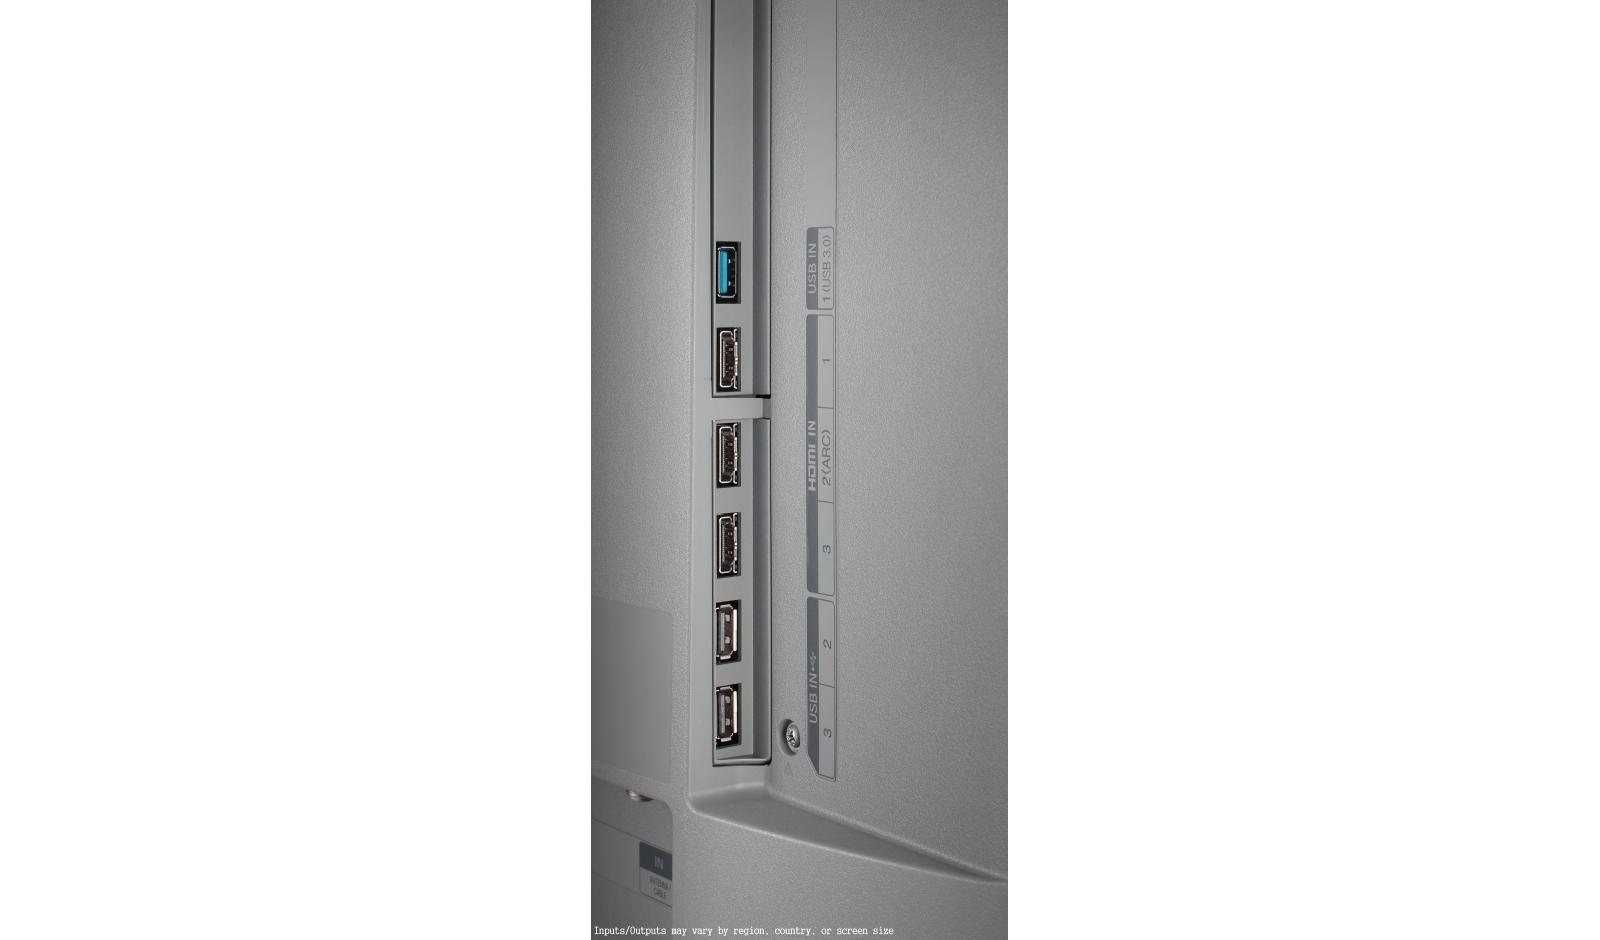 LG OLED55C6P C6 55 Inch Class